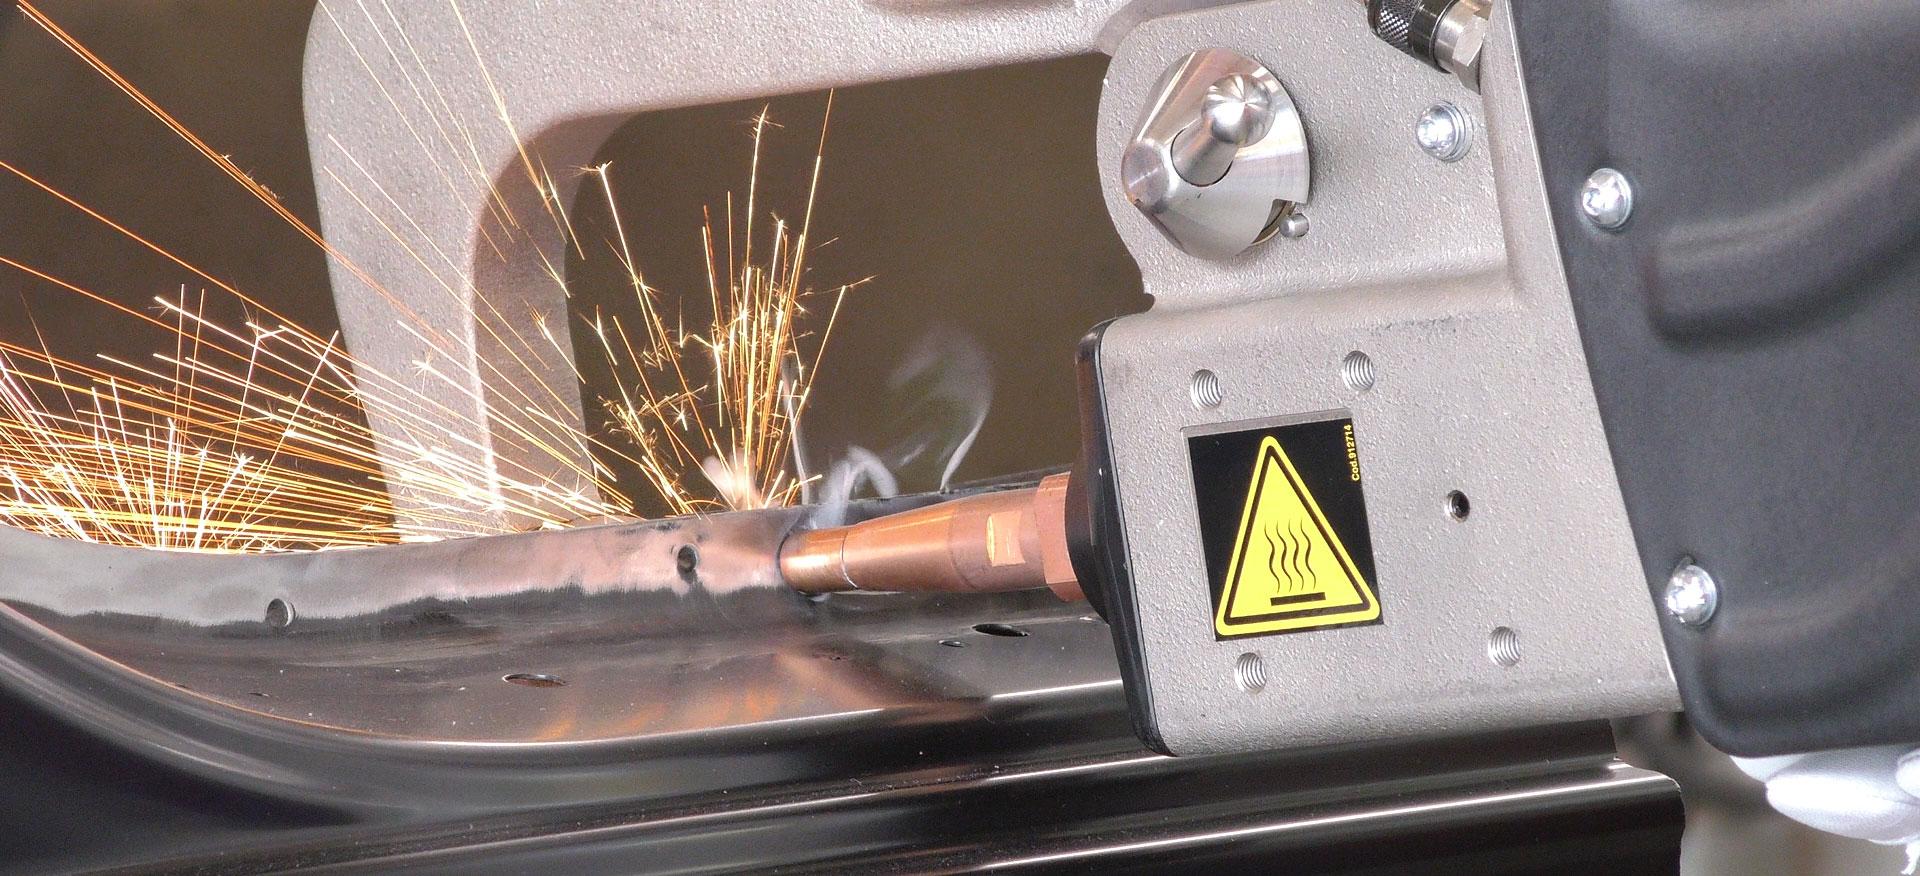 Punktschweißgerät Punktschweißgeräte Kfz karosserie Reparatur